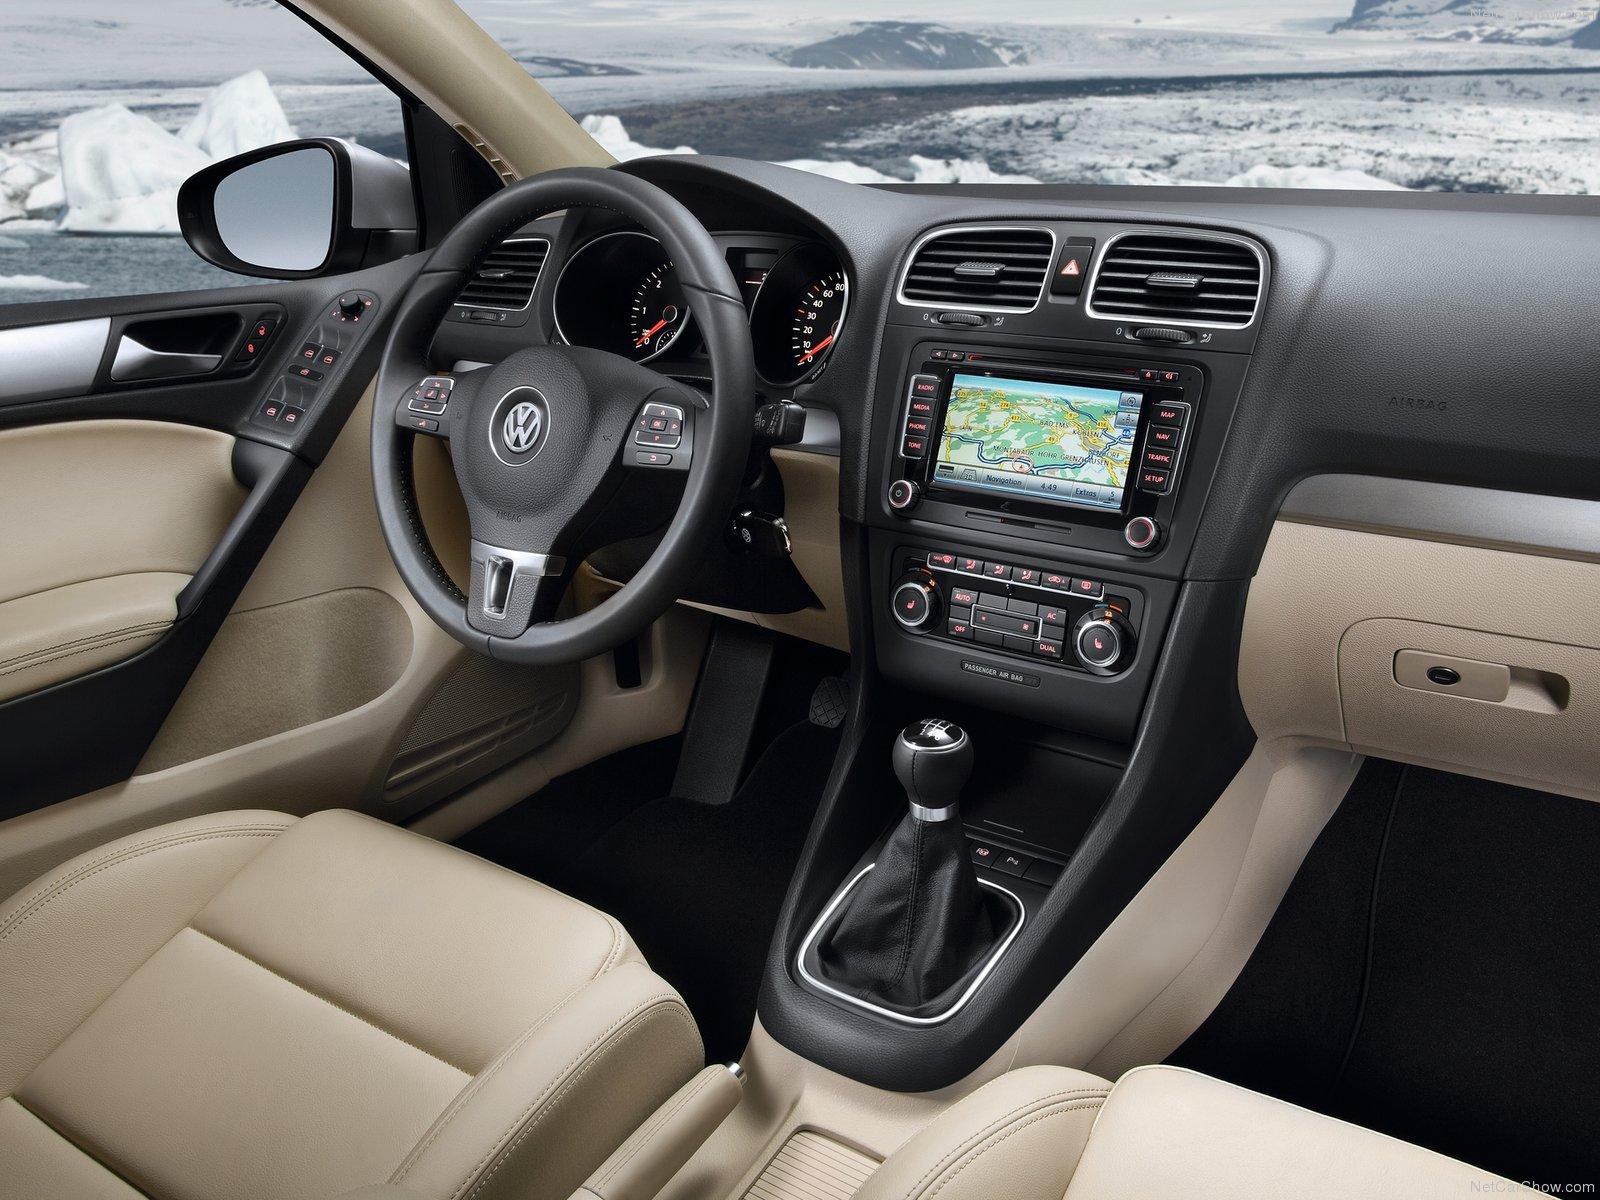 3dtuning Of Volkswagen Golf 6 5 Door Hatchback 2011